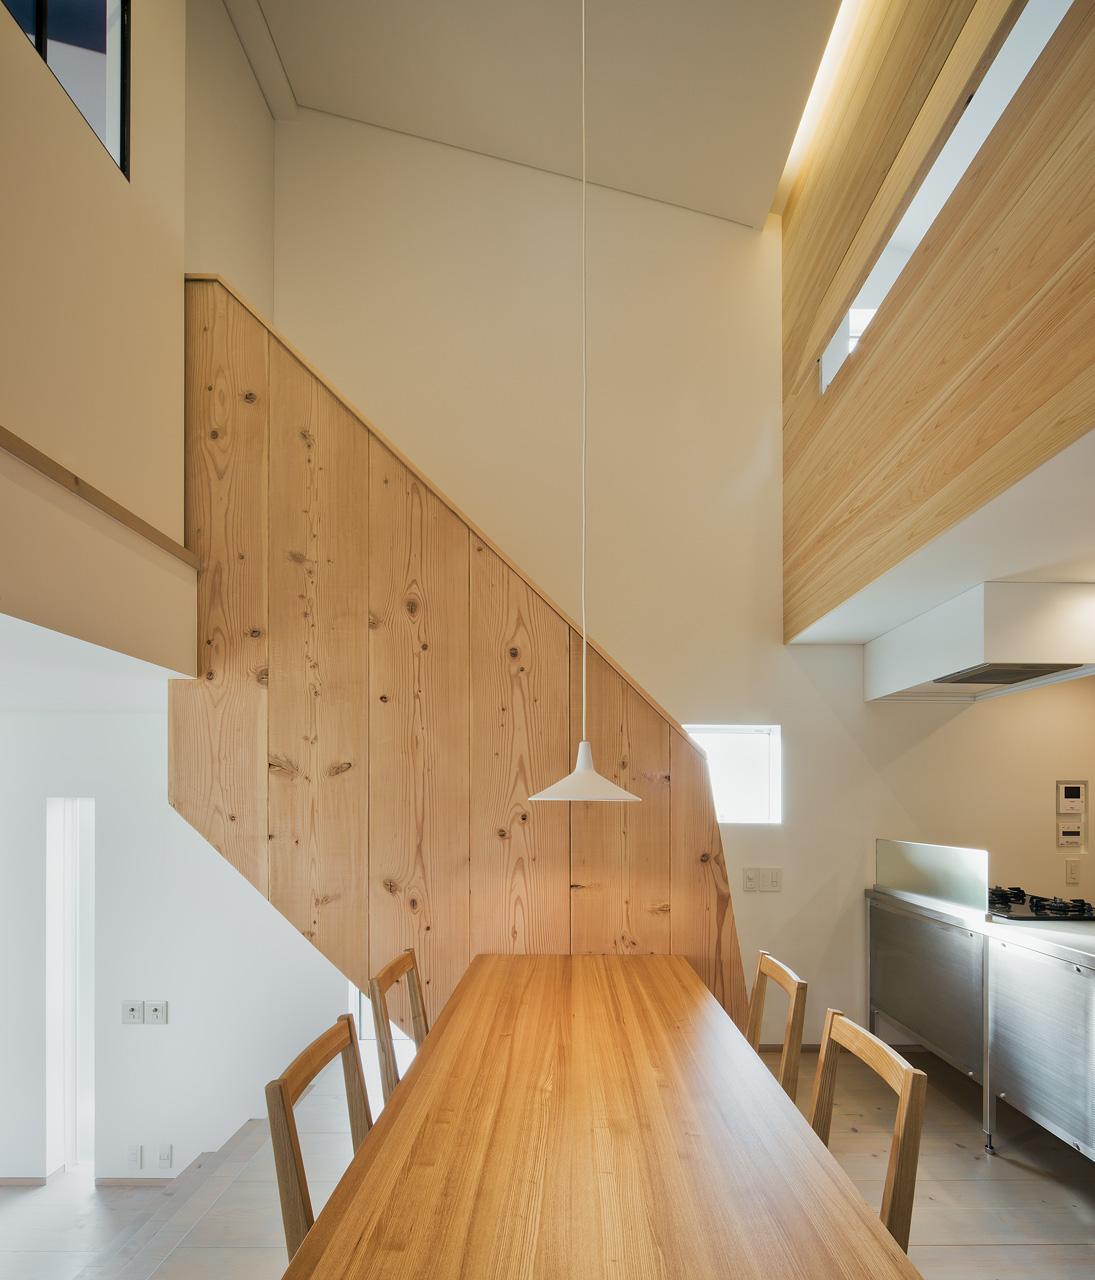 ダイニングルームから階段を見る: 階段の手摺も米松の梁材をボルトでつなぎ合わせてつくり、無垢材の重量感と暖かみを感じられるようにしました